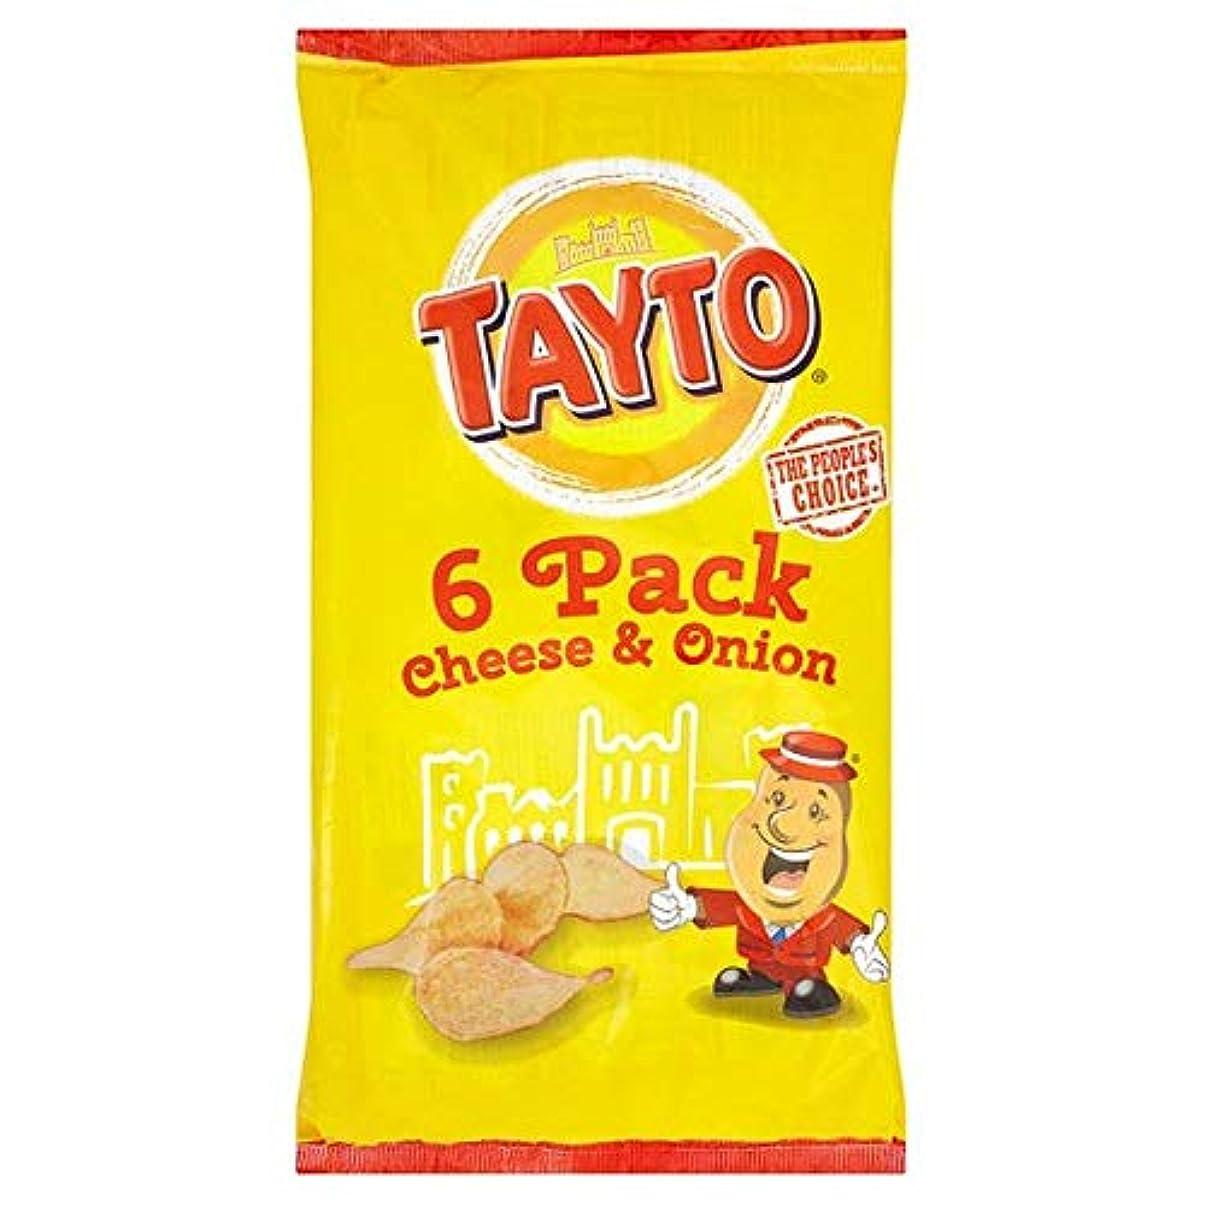 芽一般メガロポリス[Tayto] Taytoチーズとオニオンポテトチップス6S 150グラム - Tayto Cheese And Onion Potato Crisps 6S 150G [並行輸入品]